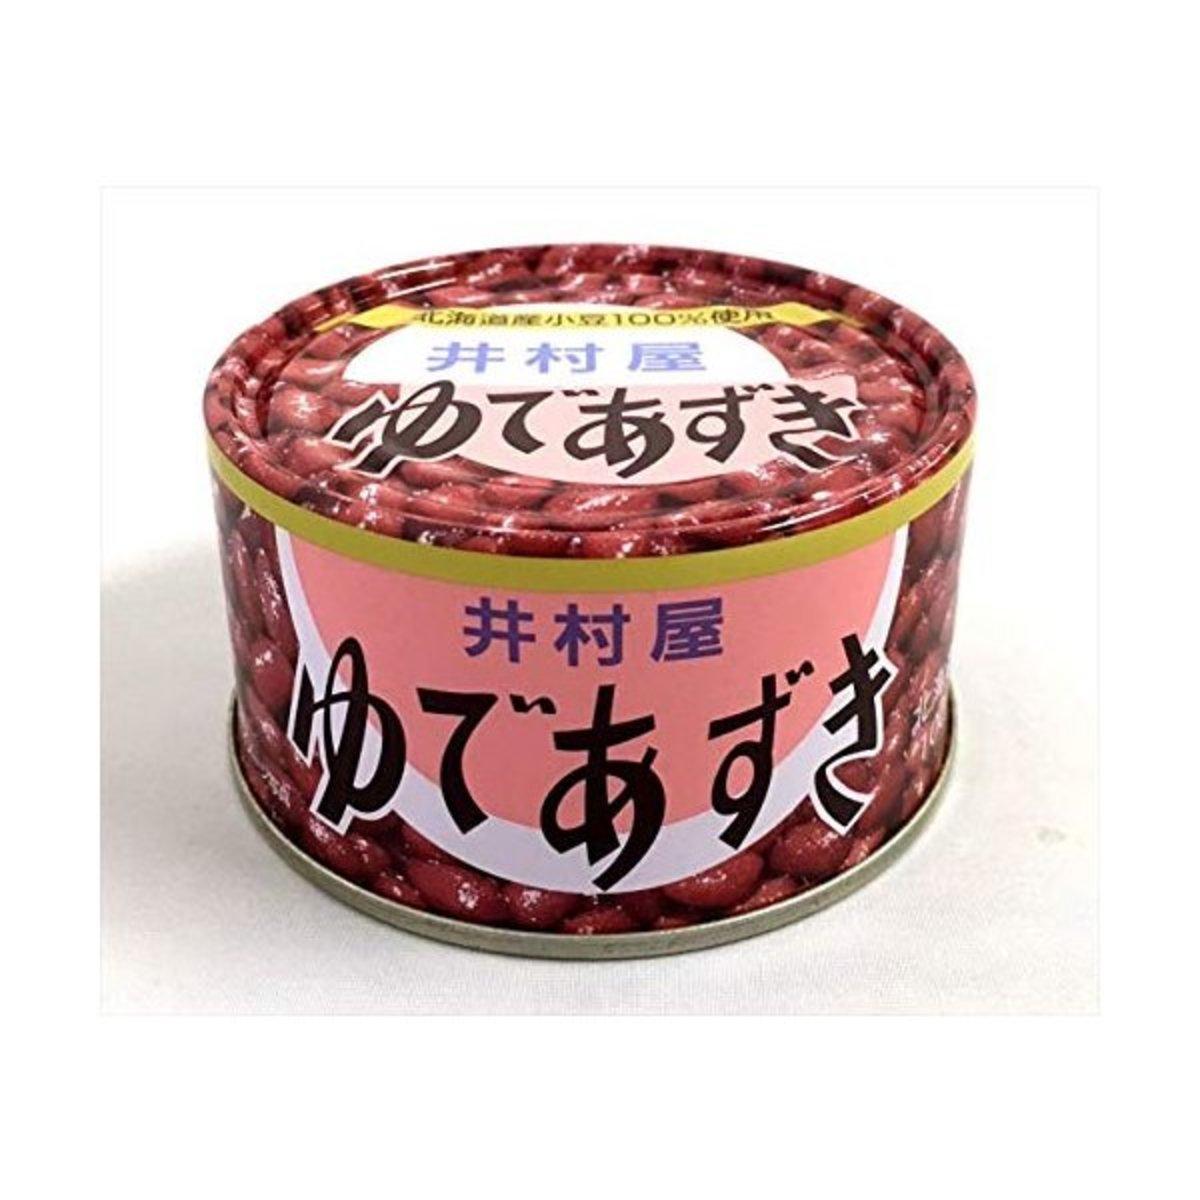 北海道產即食紅豆 210g